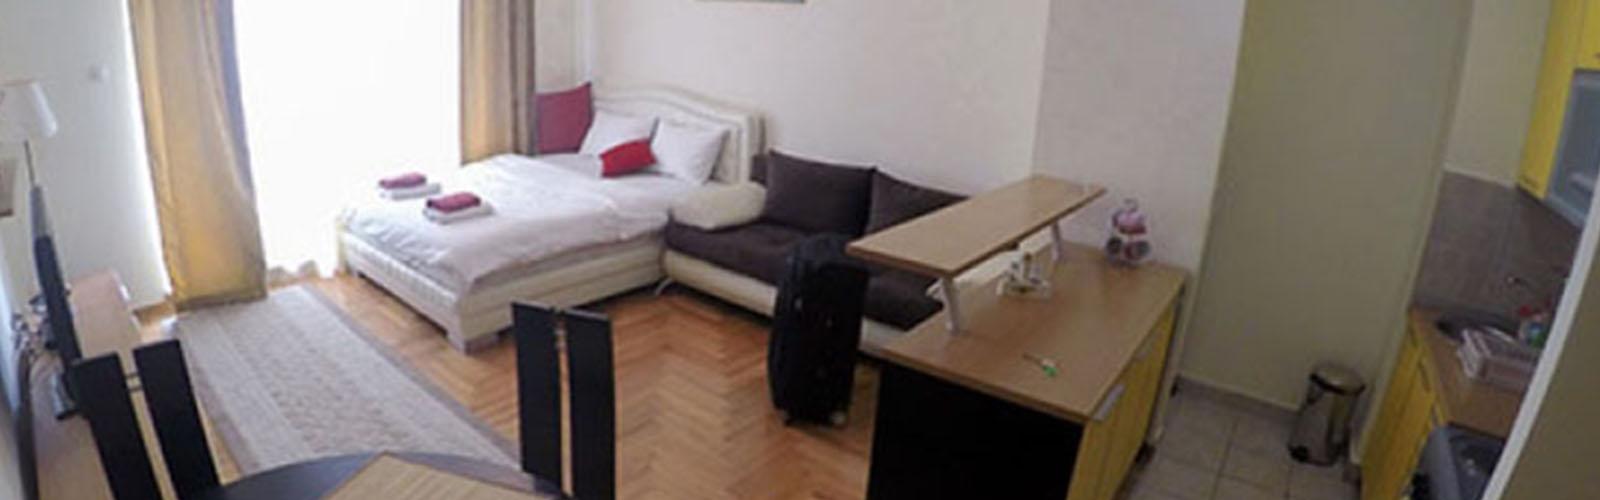 Concierge Belgrade | Apartman Delta Top 129